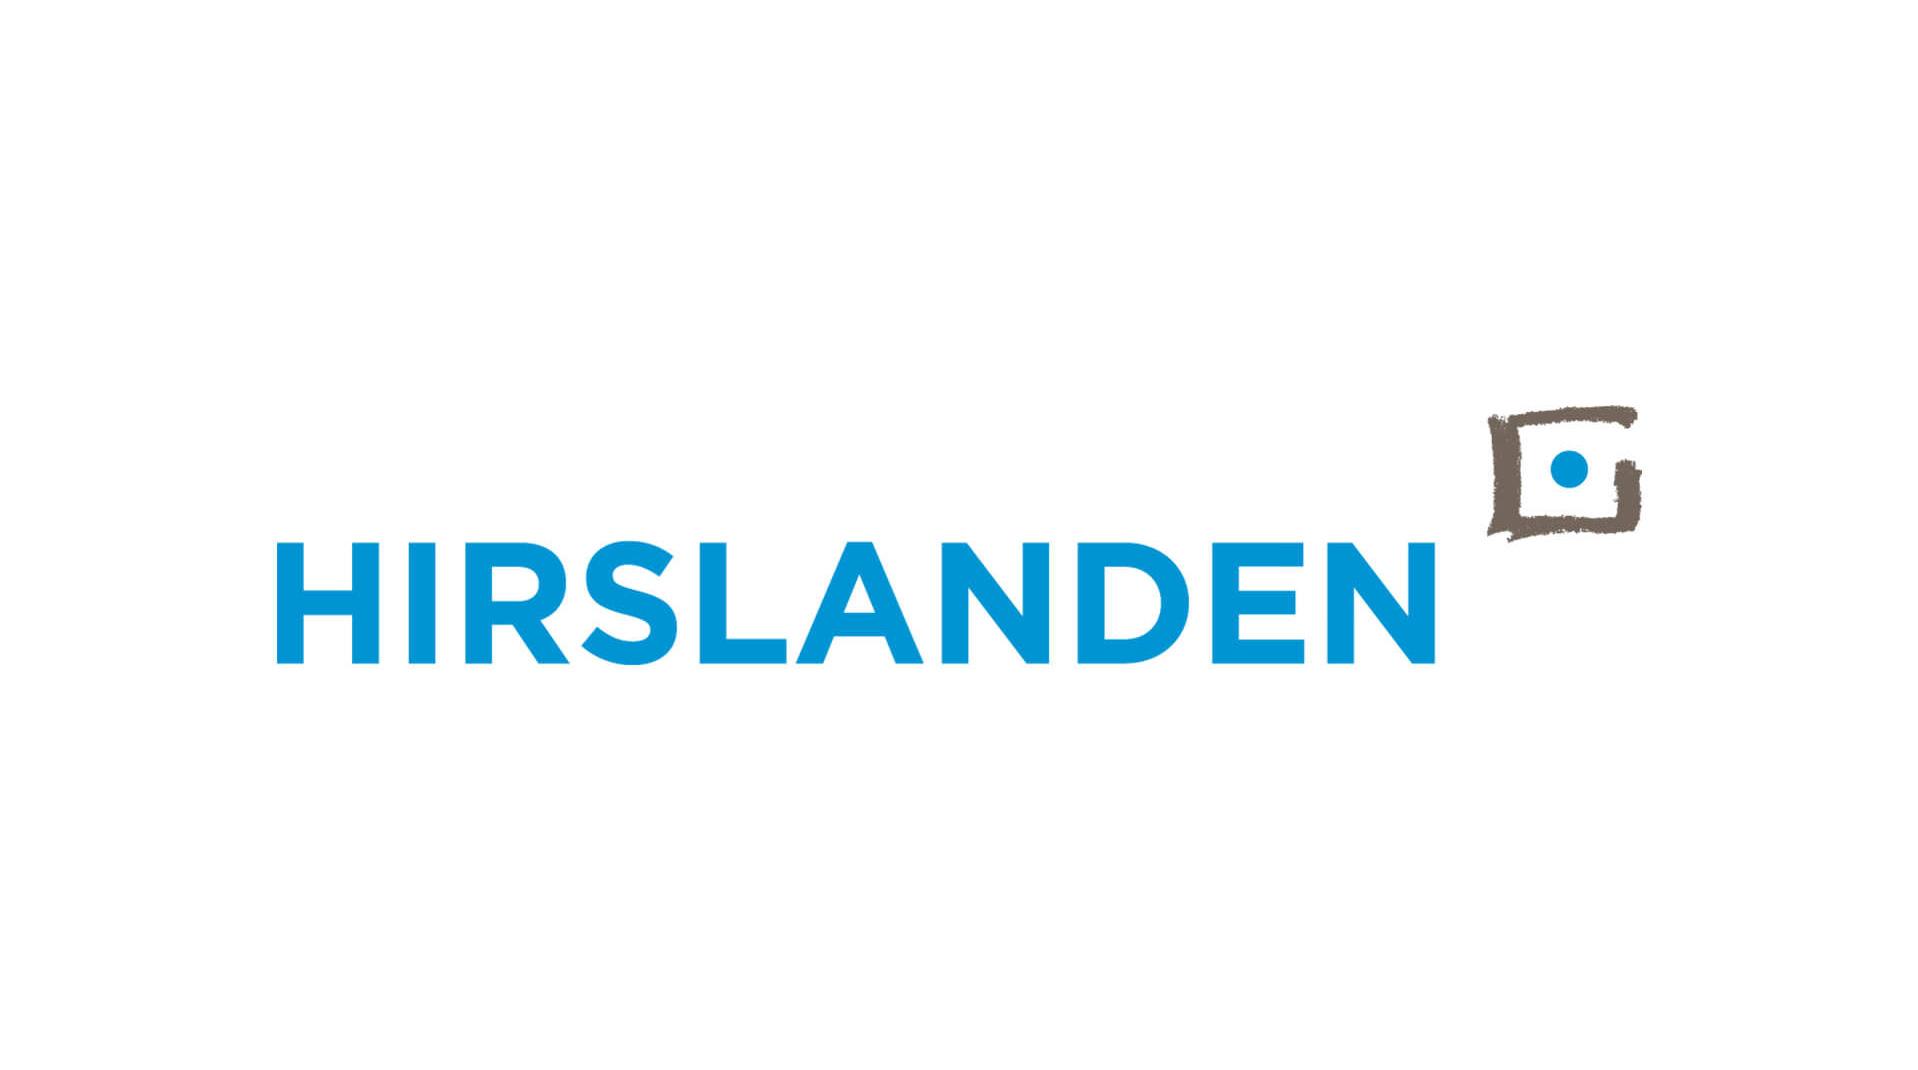 Hirslanden AG Profil firmy